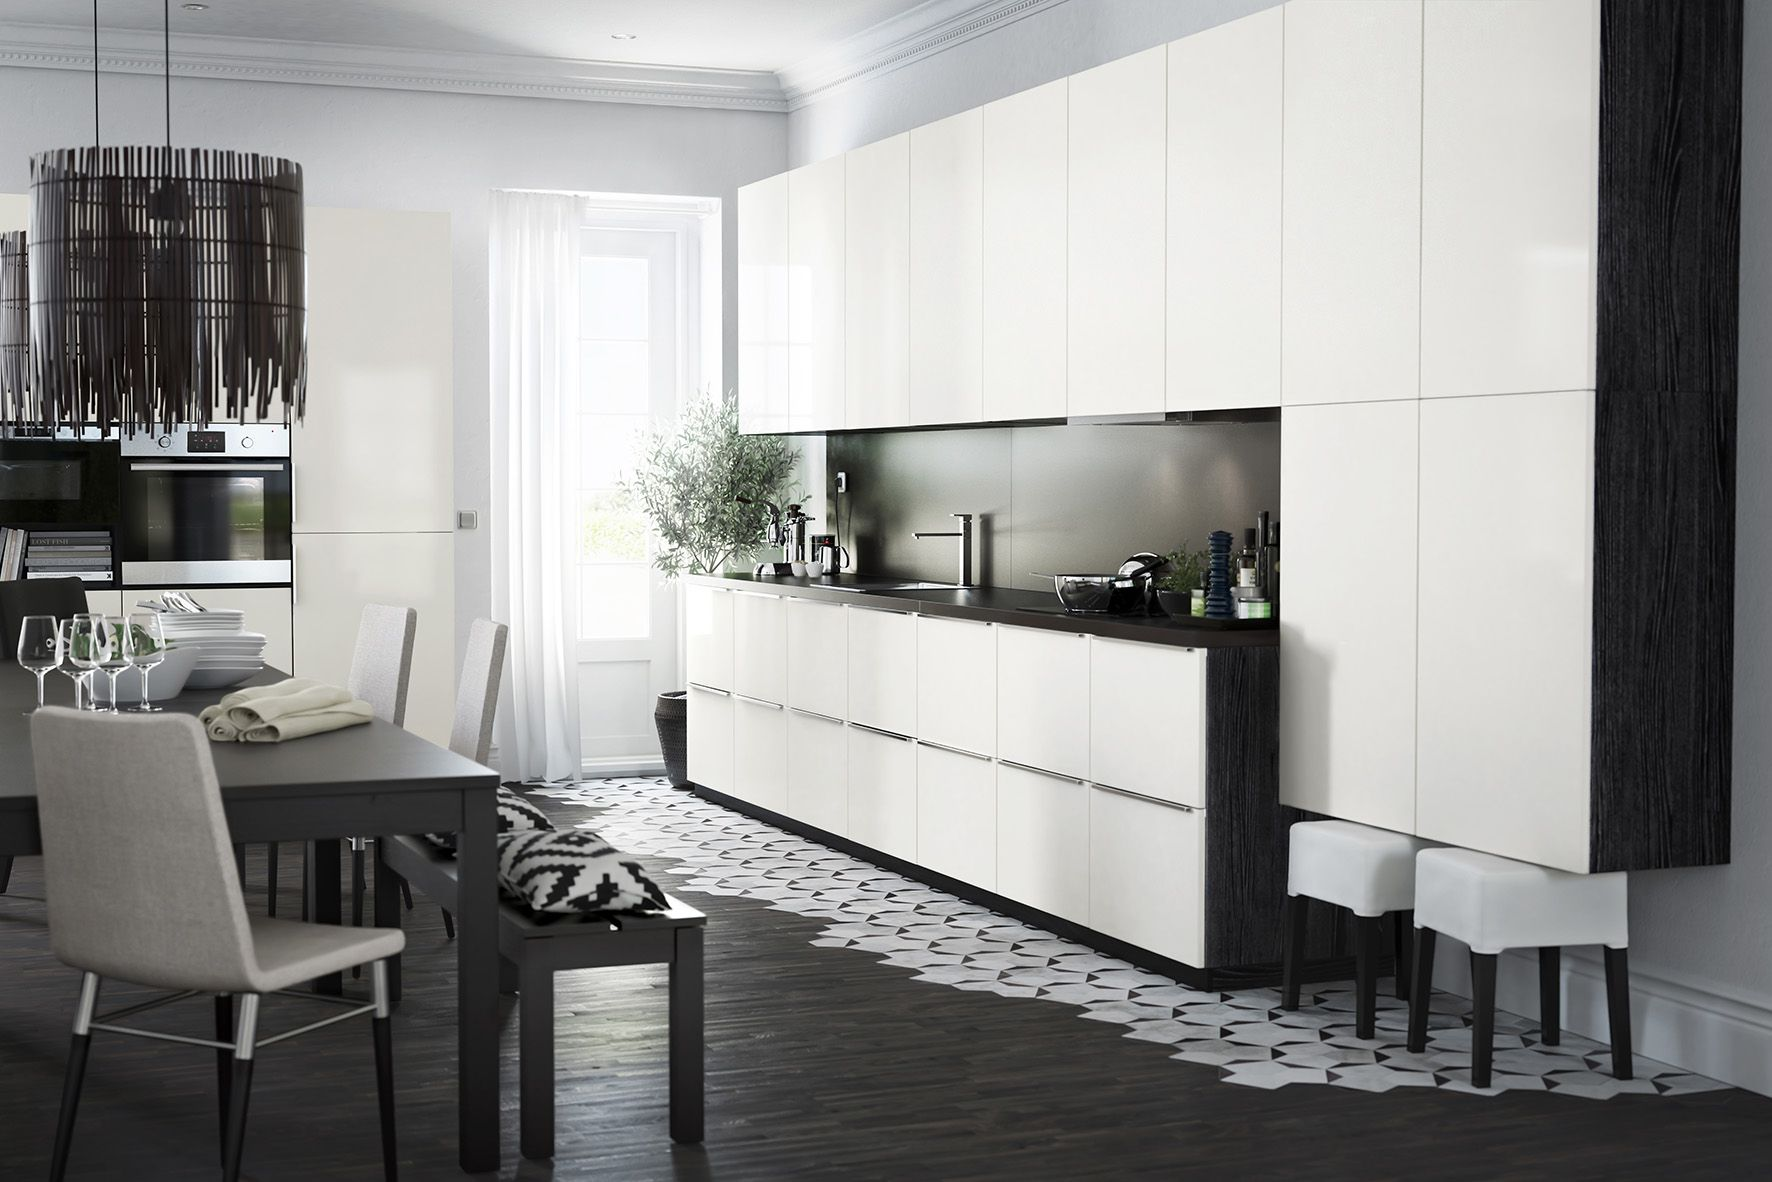 Nieuwe keukensystemen METOD van Ikea. Witte Ikea keuken #keukens ...